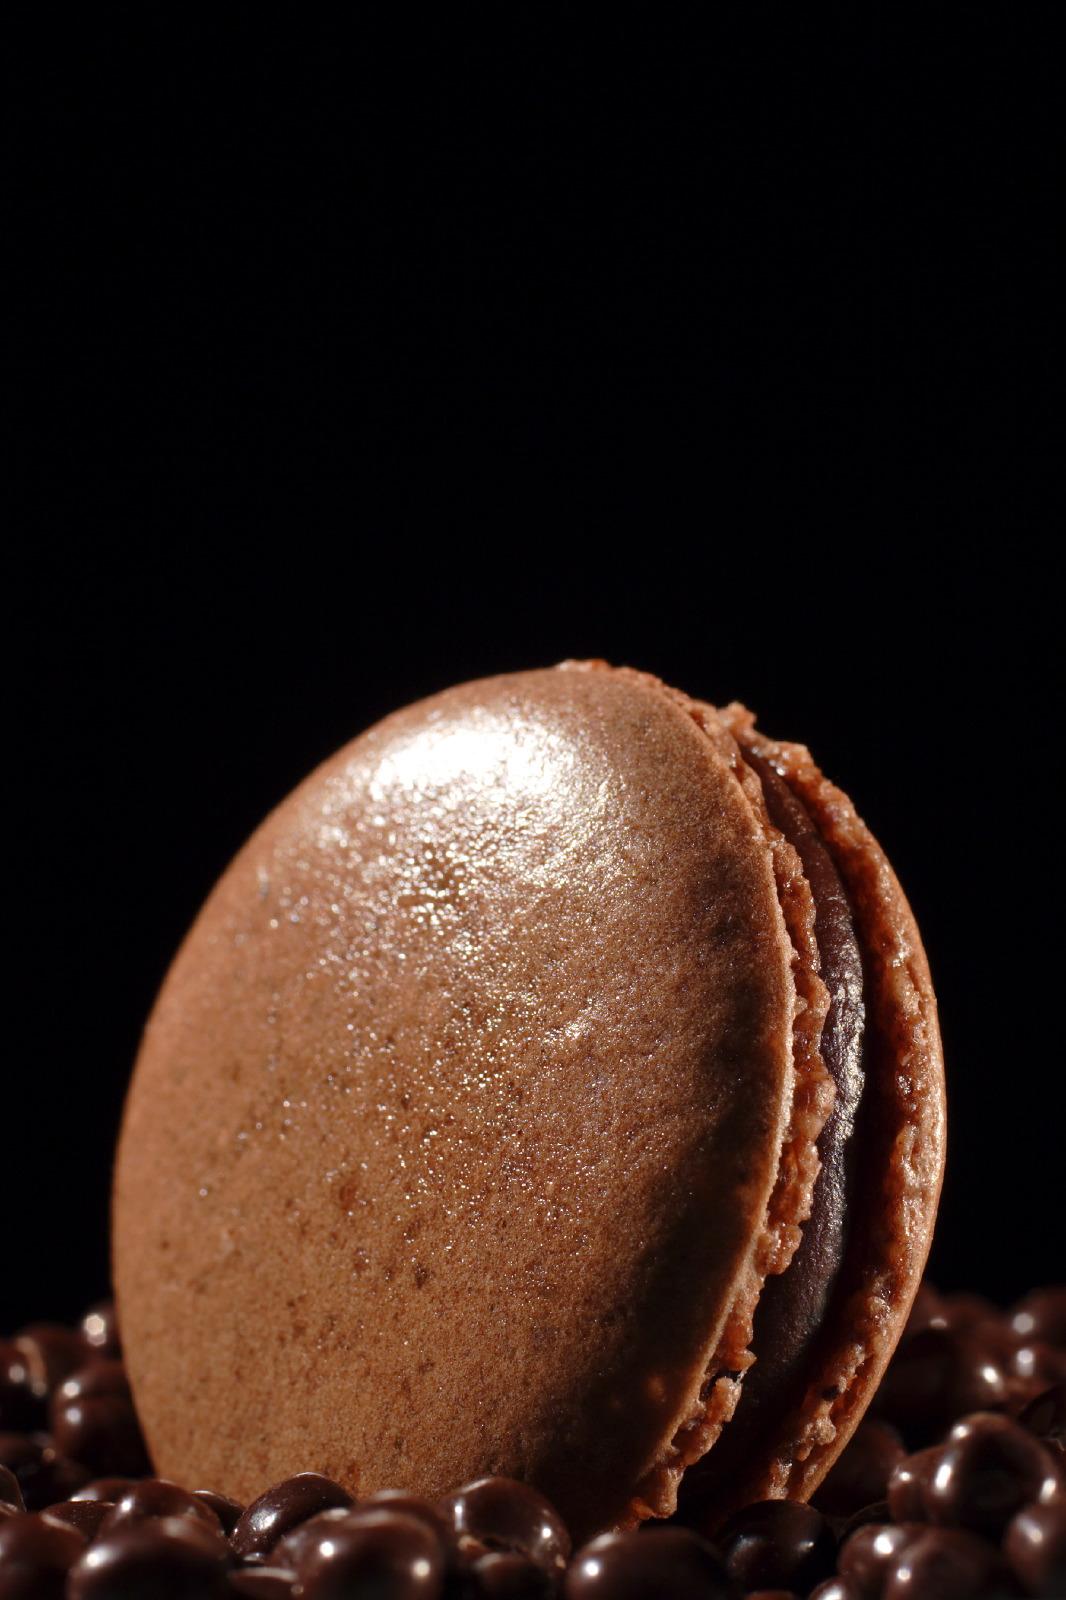 Chocolate macaroon Pascal Guerreau & Philippe Conticini